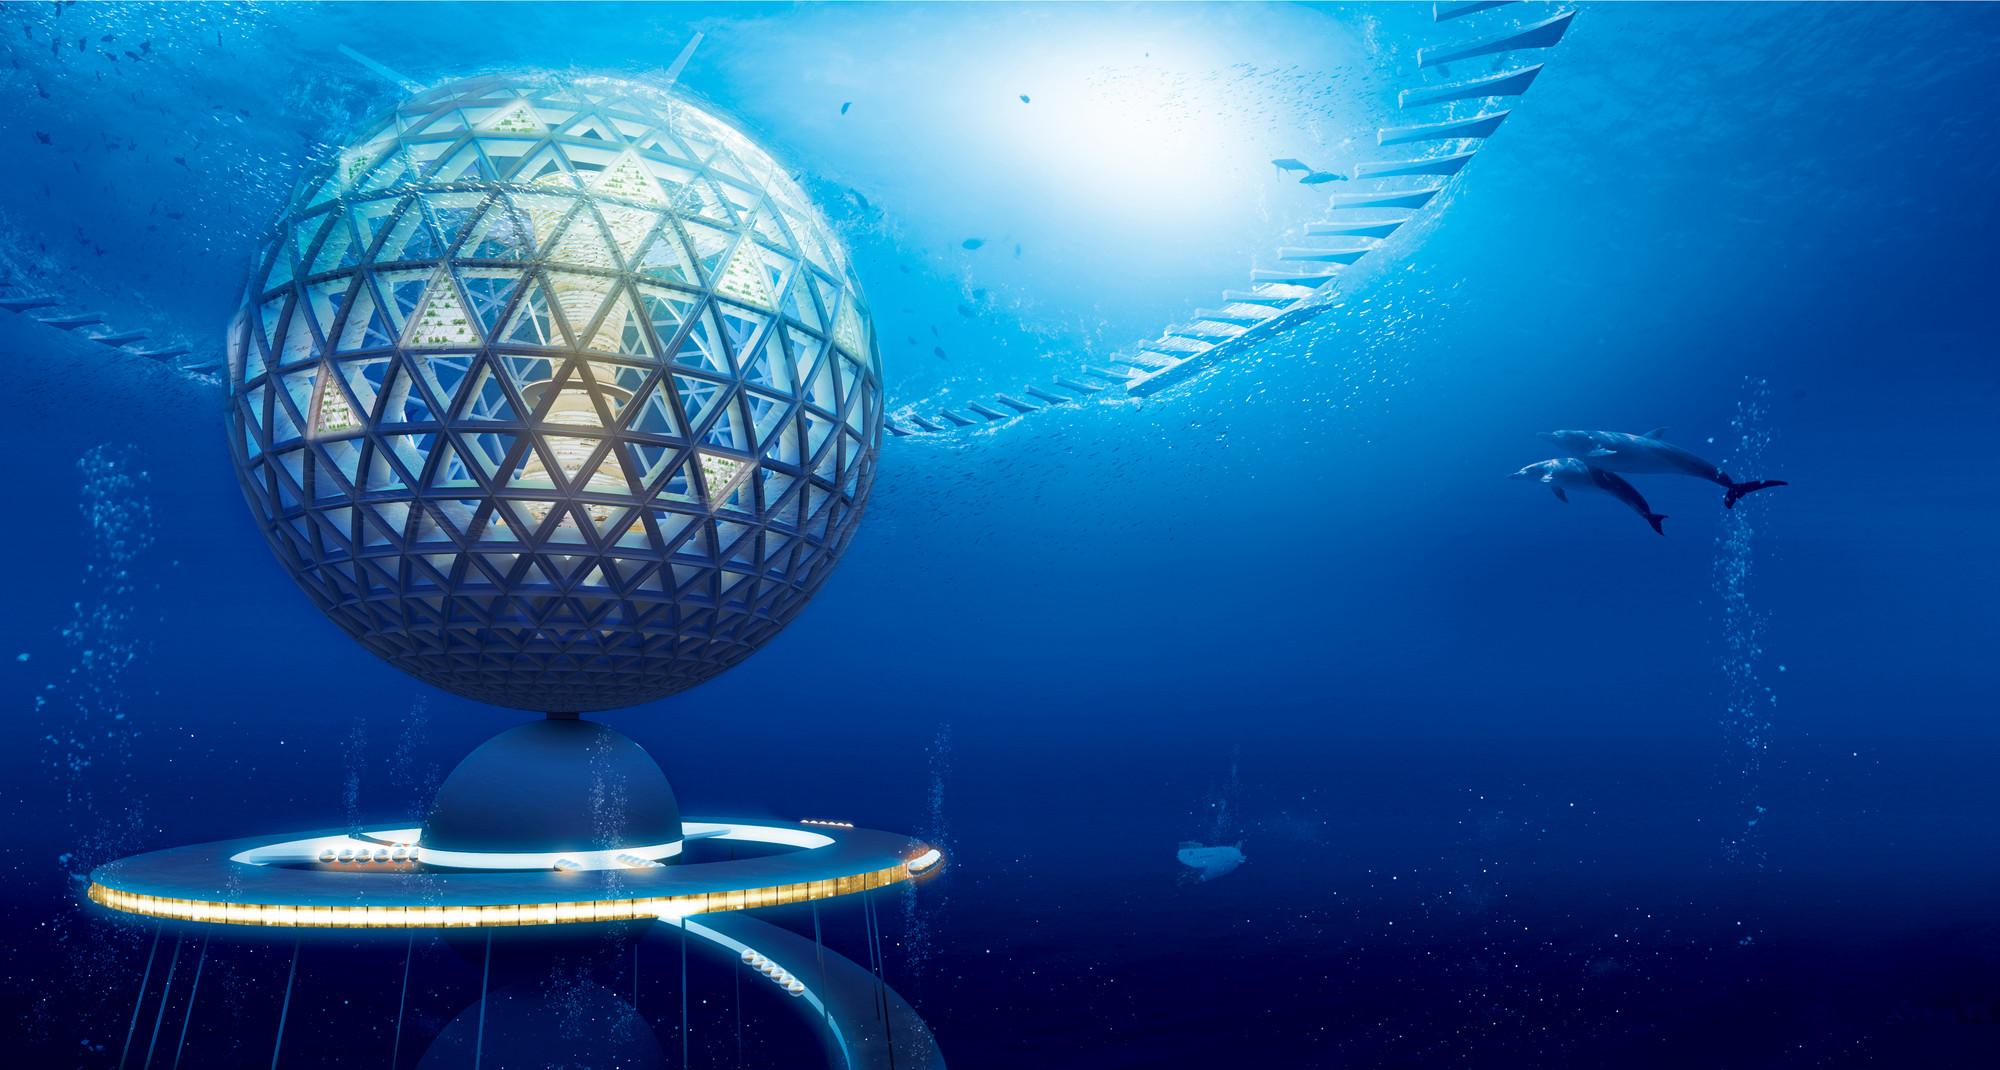 Concepto de ciudad submarina futurista de Shimizu Corporation, ¿saldrá a flote o se hundirá?, Cortesía de Shimizu Corporation